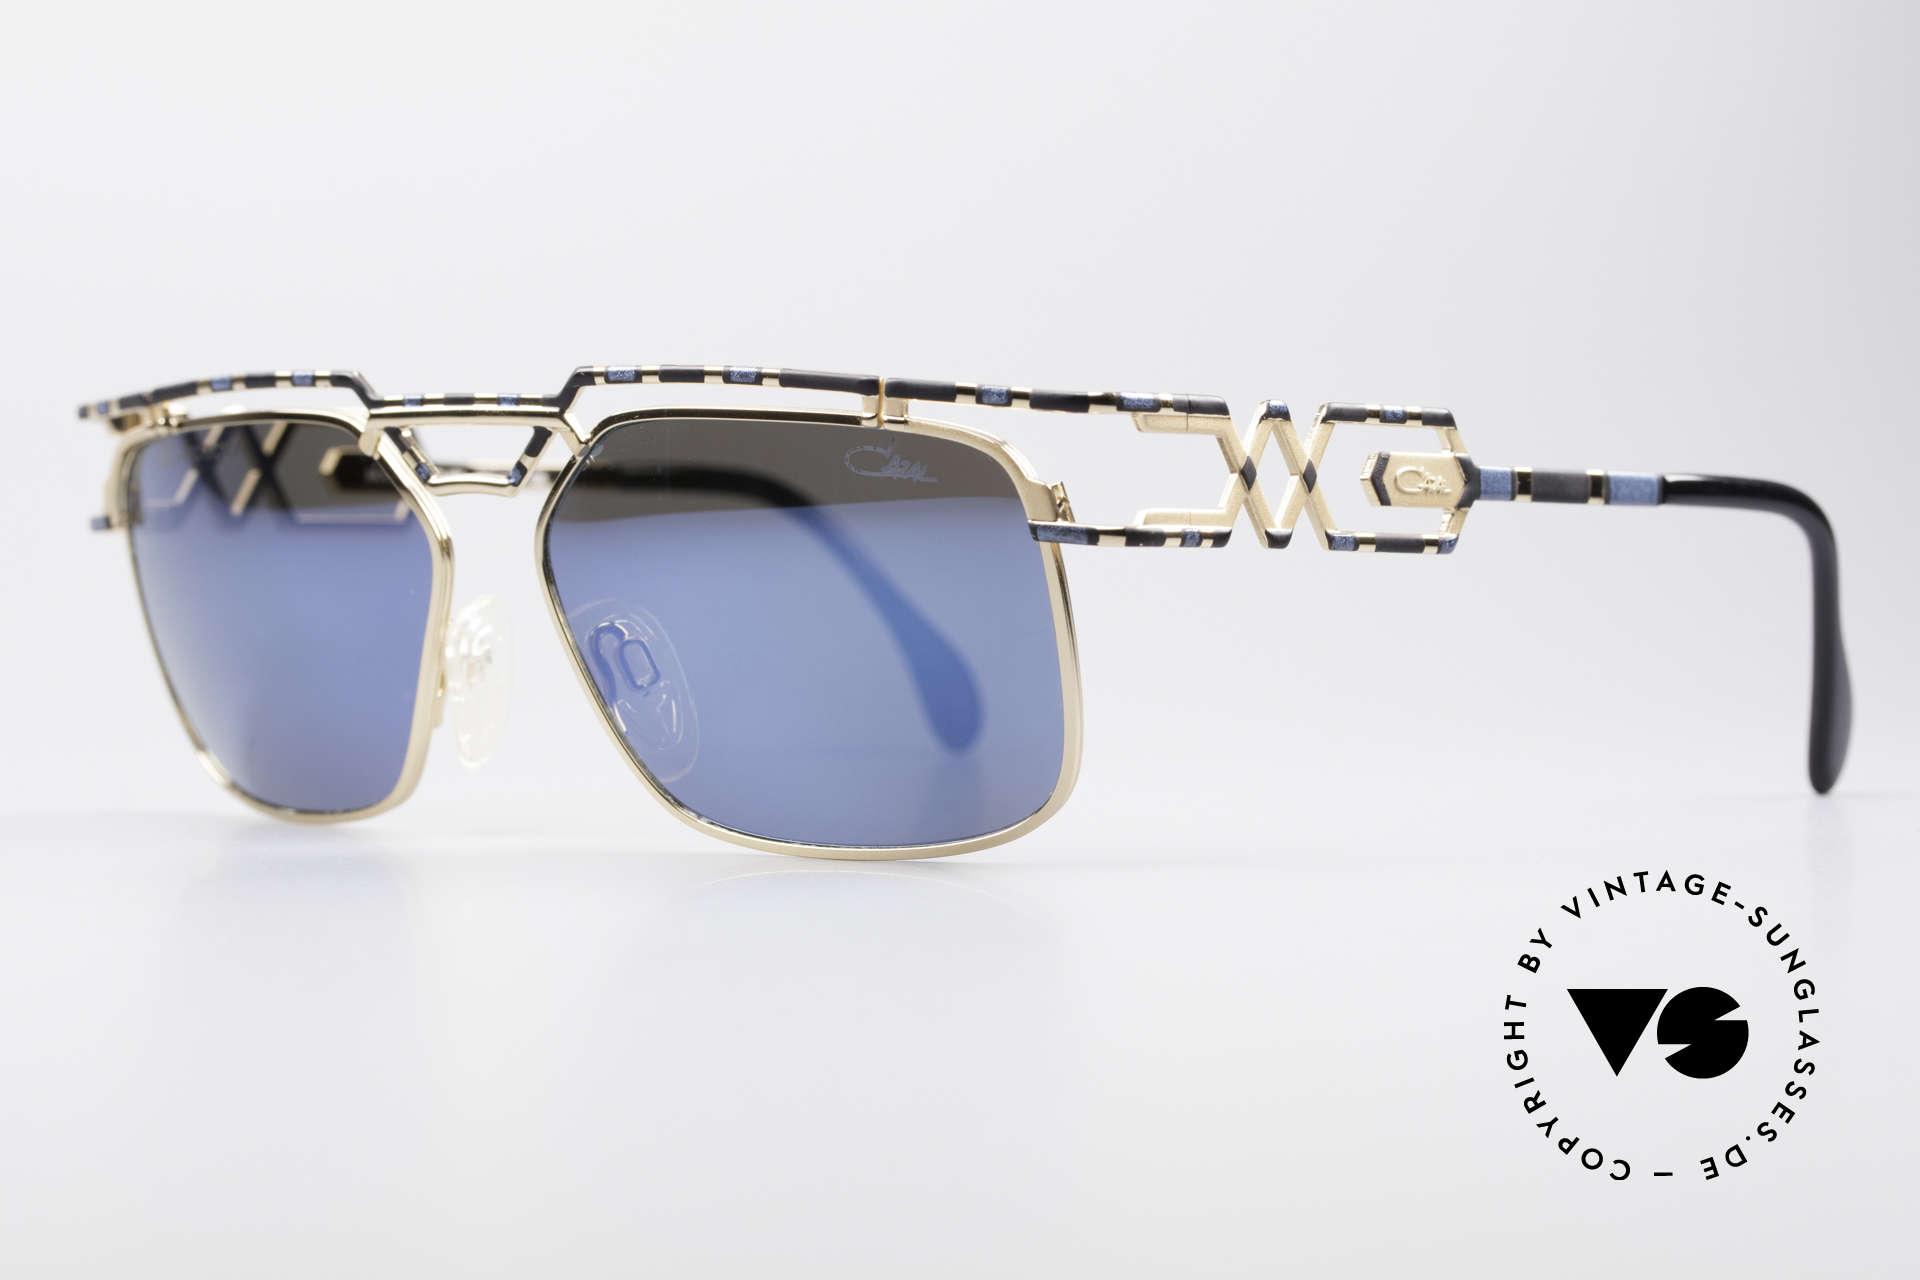 Cazal 973 Blau Verspiegelte Sonnenbrille, zudem sehr interessante Farbgestaltung / -Muster, Passend für Herren und Damen